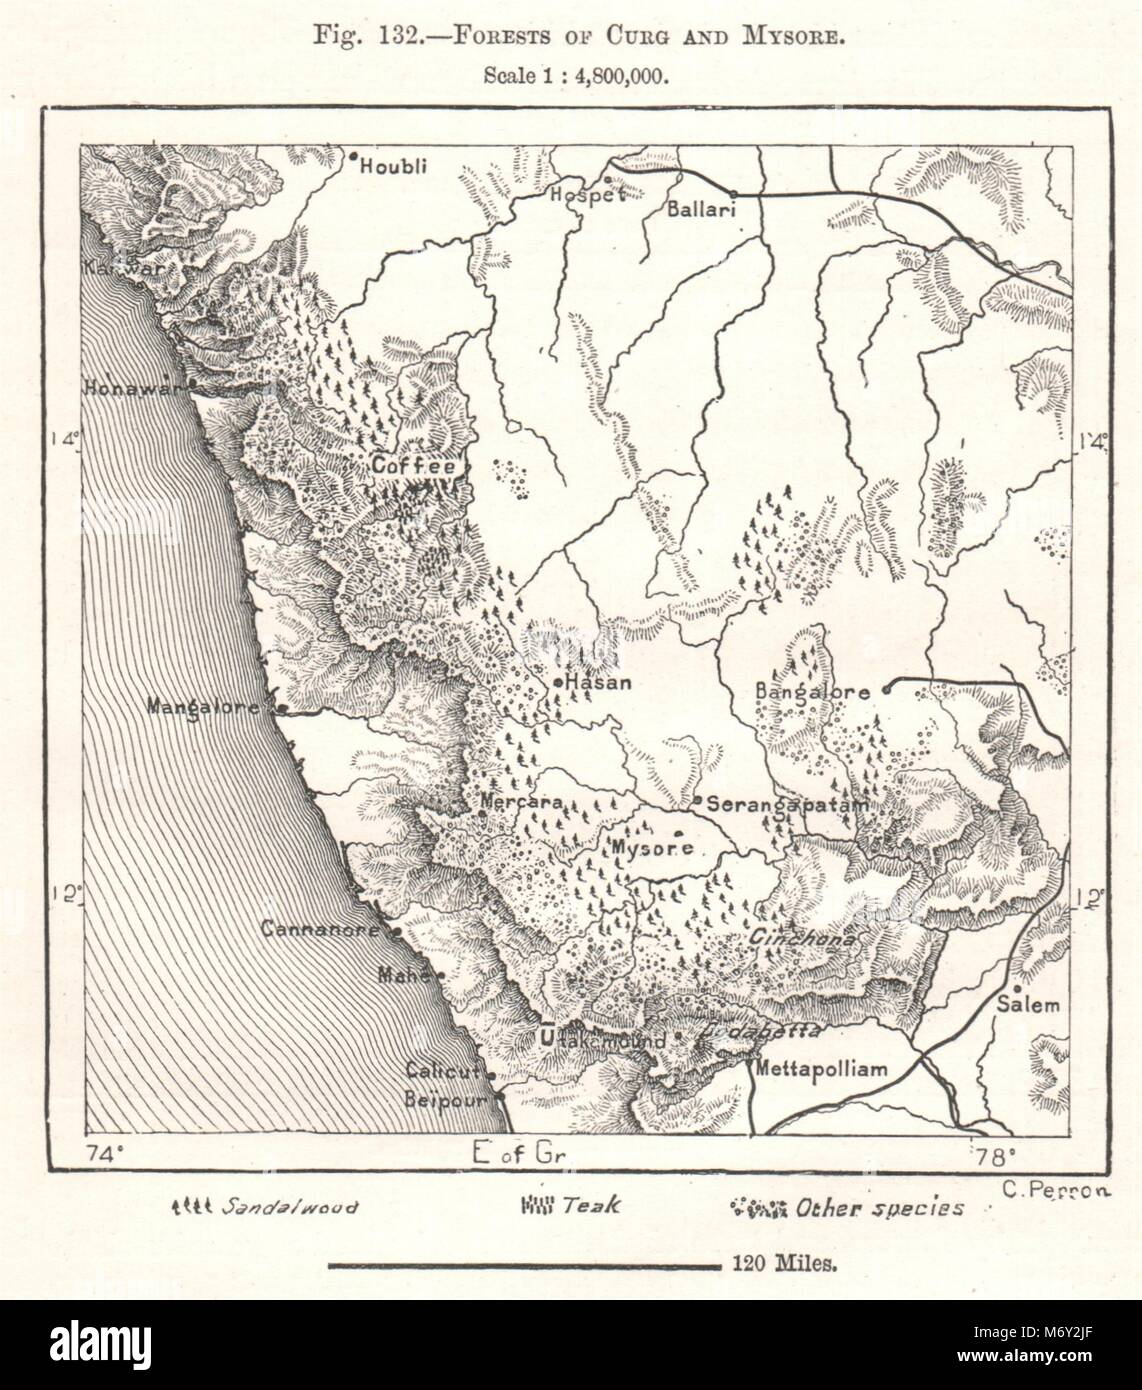 Carte De Linde Mysore.Forets D Curg Et Mysore L Inde Croquis 1885 Ancienne Carte Plan